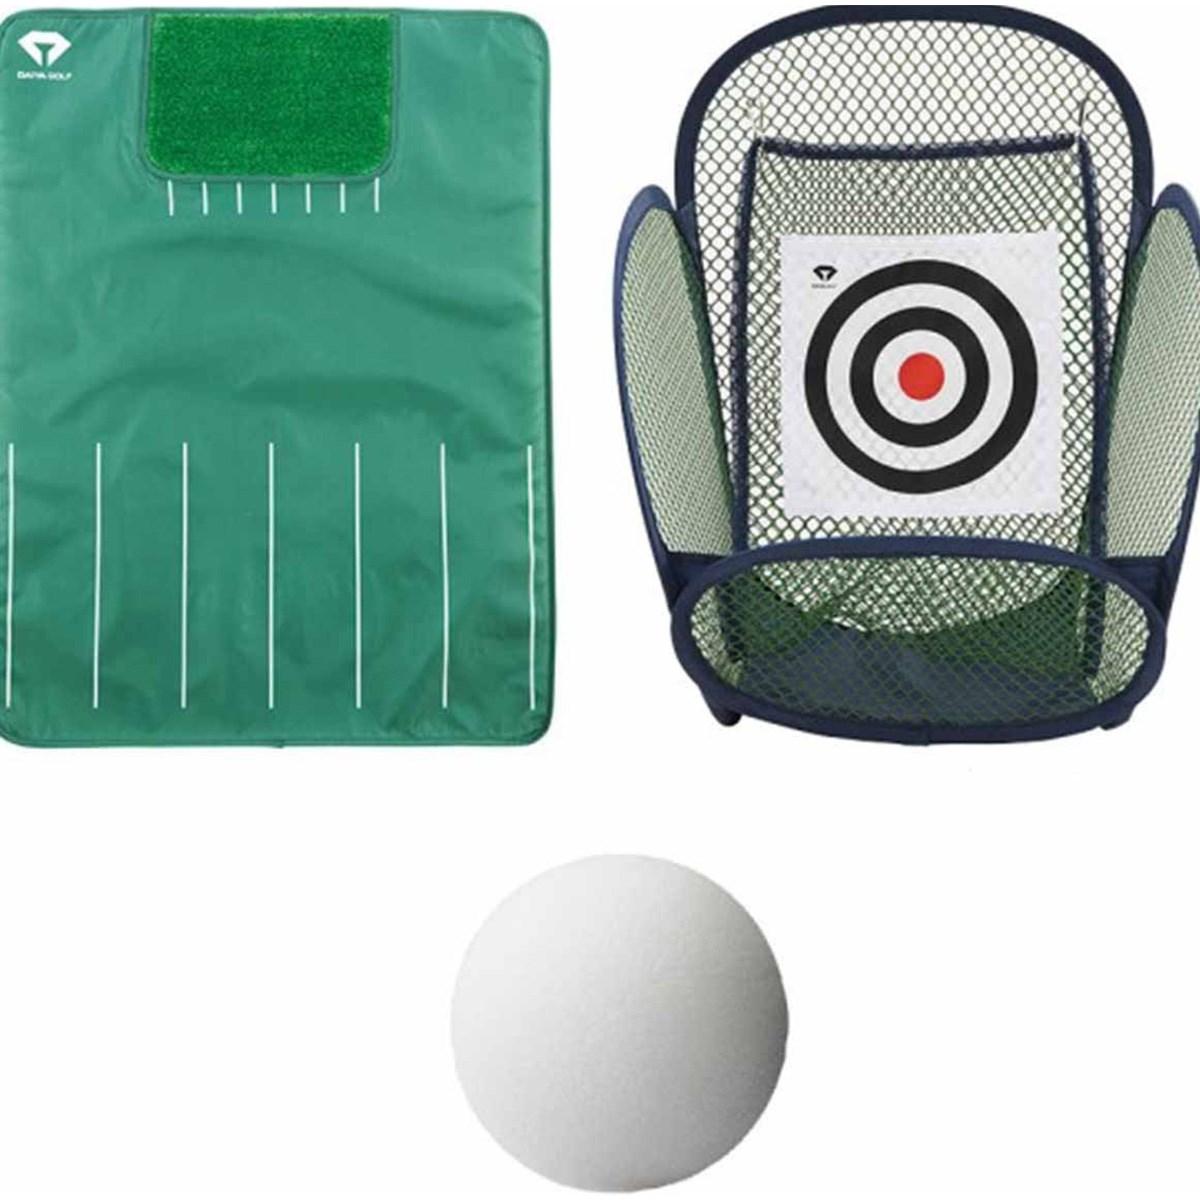 ダイヤゴルフ DAIYA GOLF ダイヤアプローチセット462 グリーン